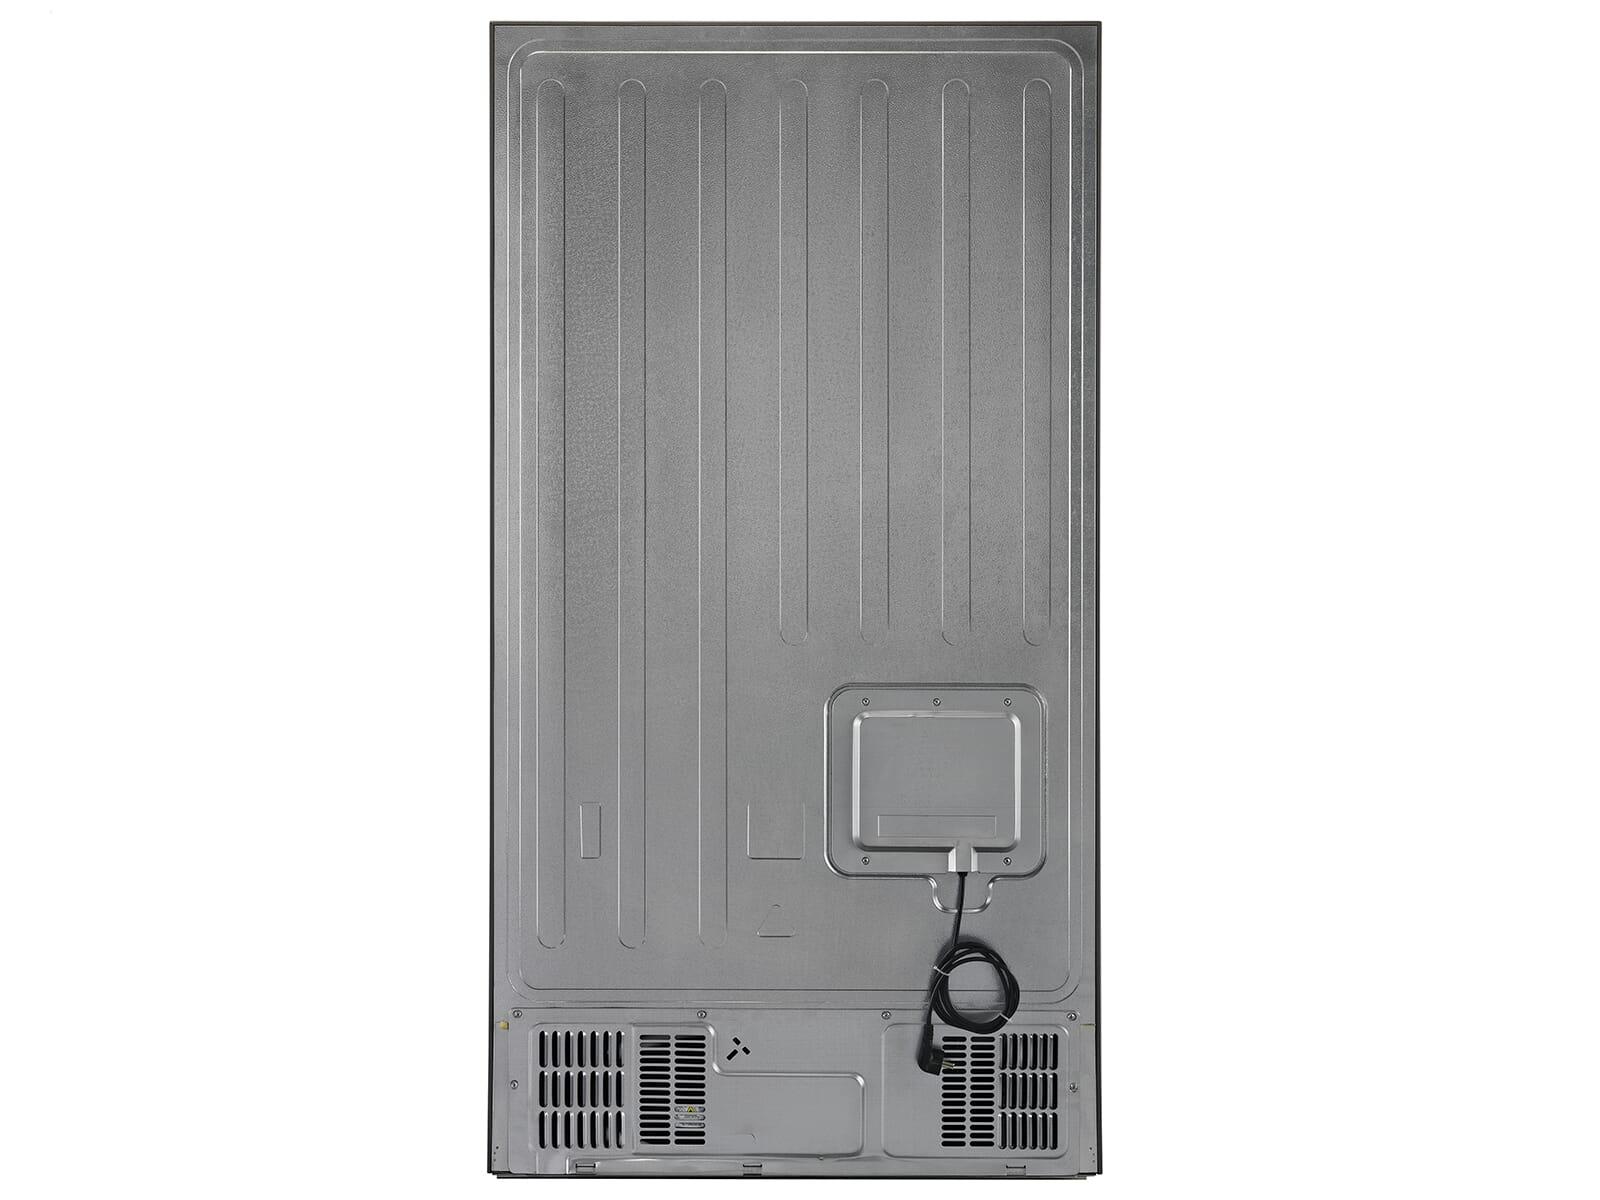 Side By Side Kühlschrank Samsung Ohne Festwasseranschluss : French door kühlschrank ohne festwasseranschluss sichtschutz für